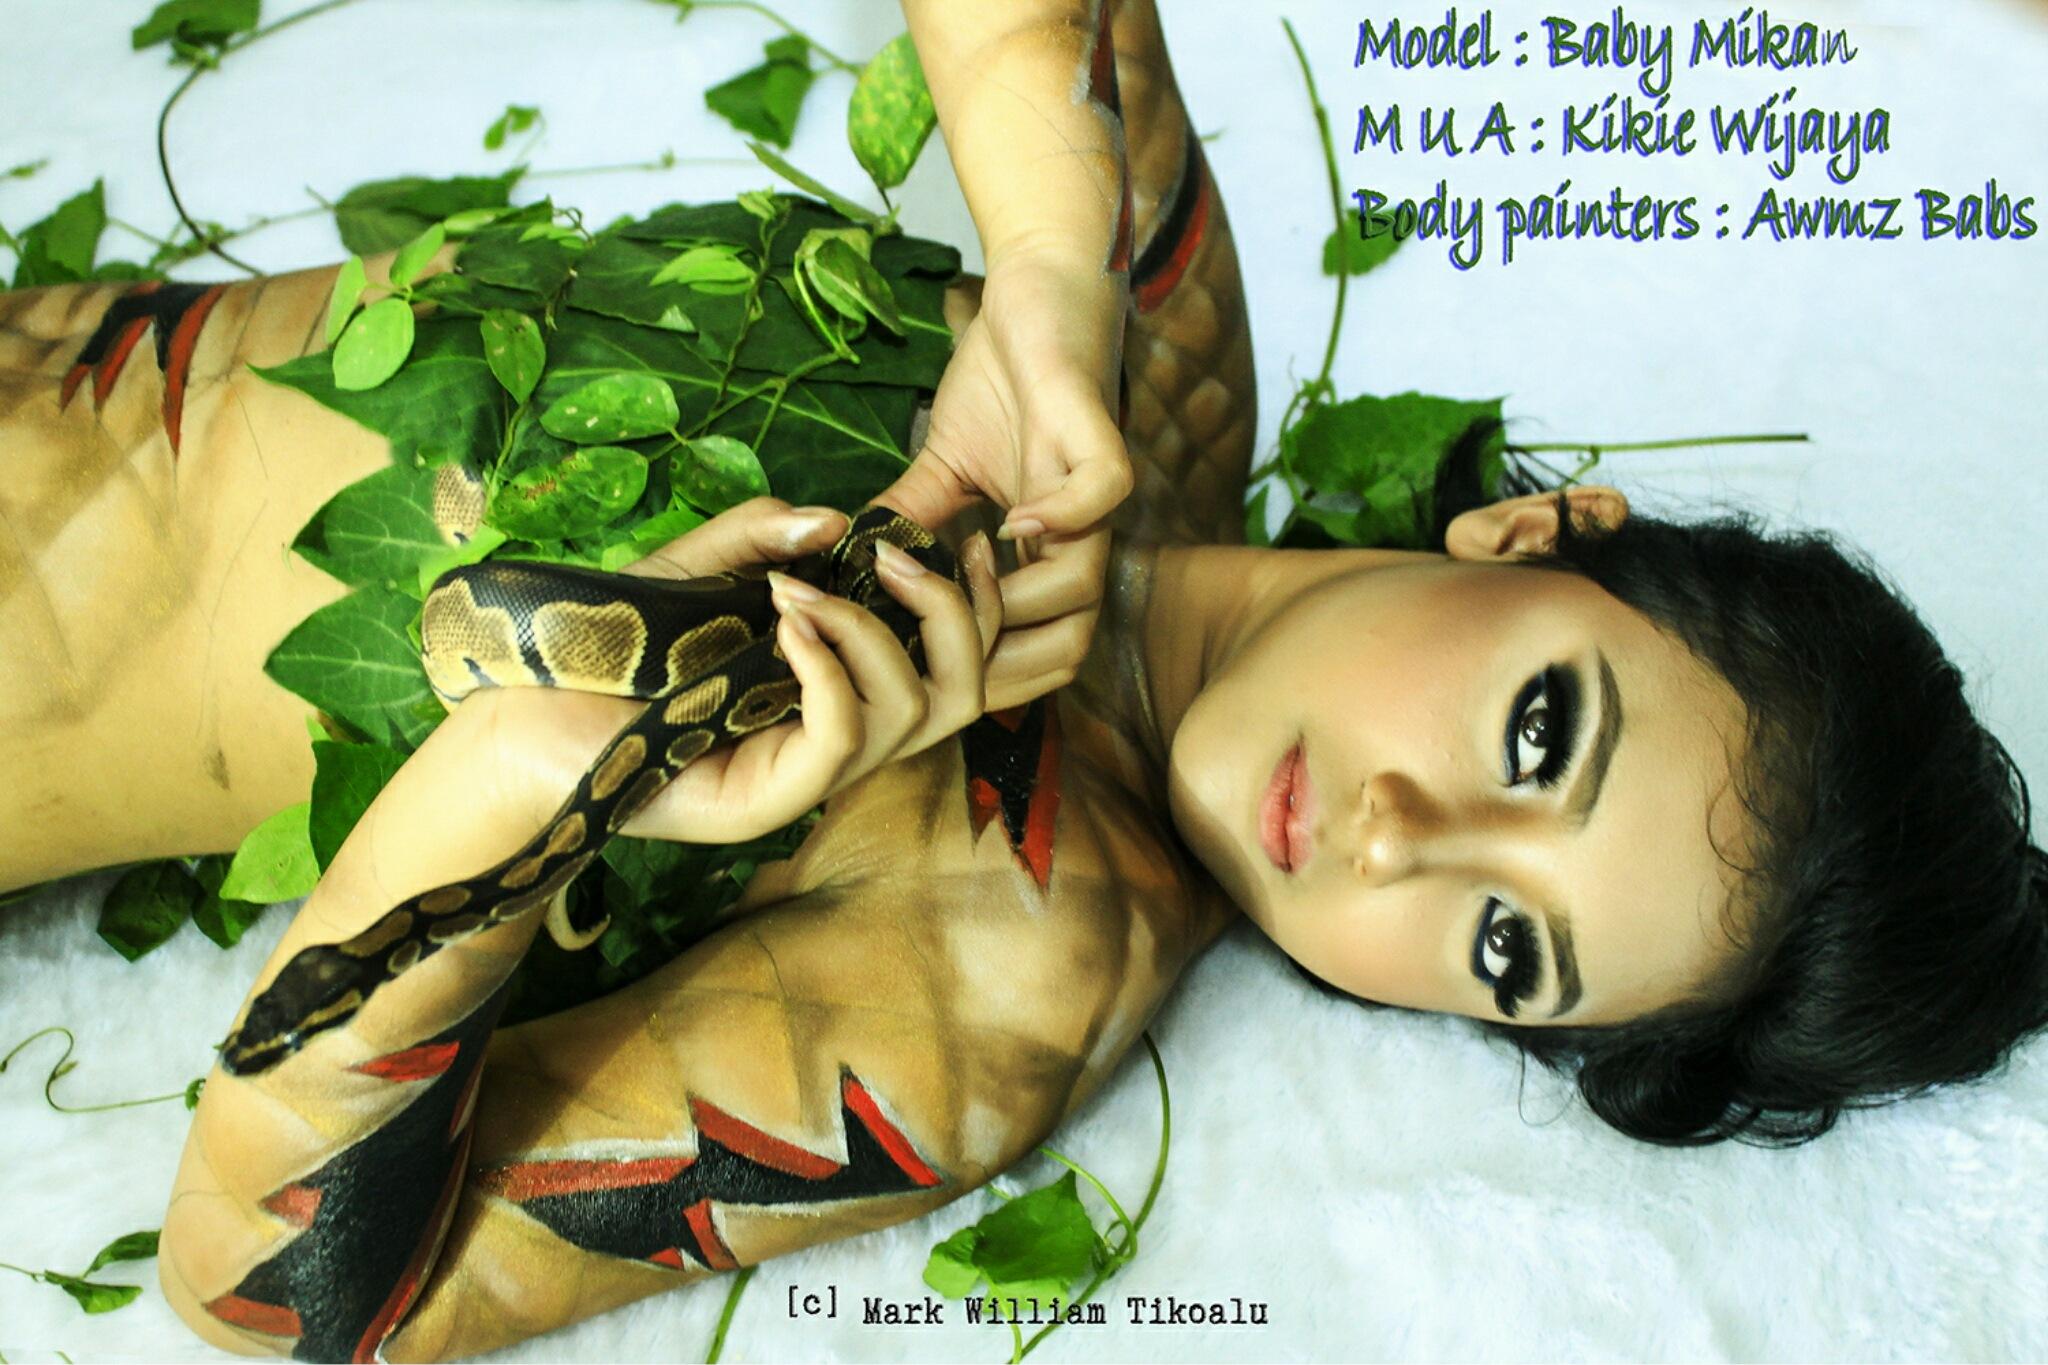 Lovely Beby M by IA Studio by Mark W Tikoalu